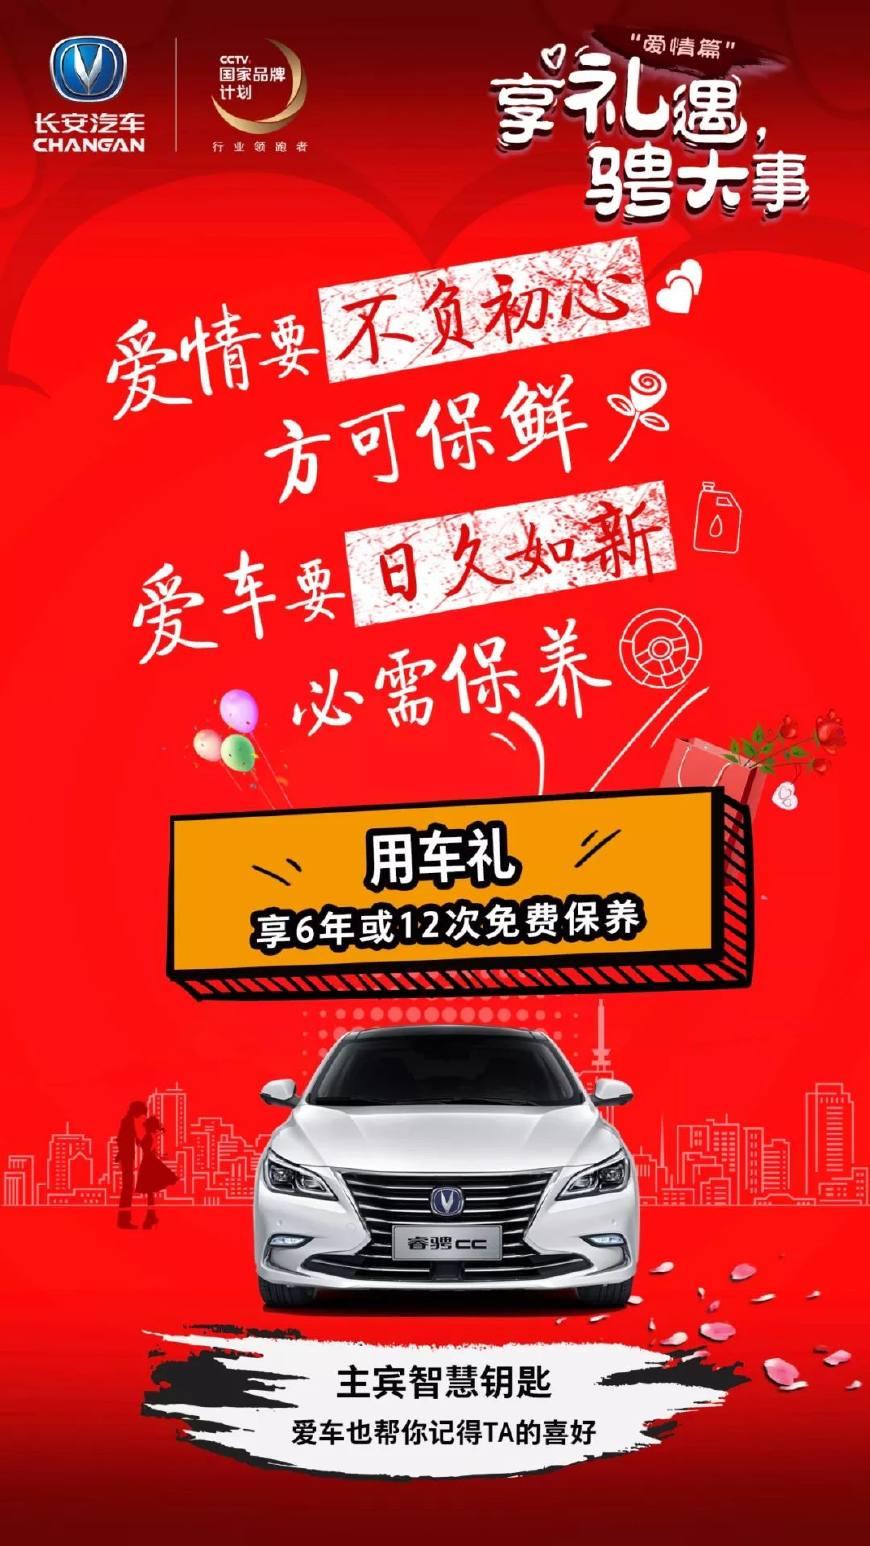 葡京唯一官方app网站 6